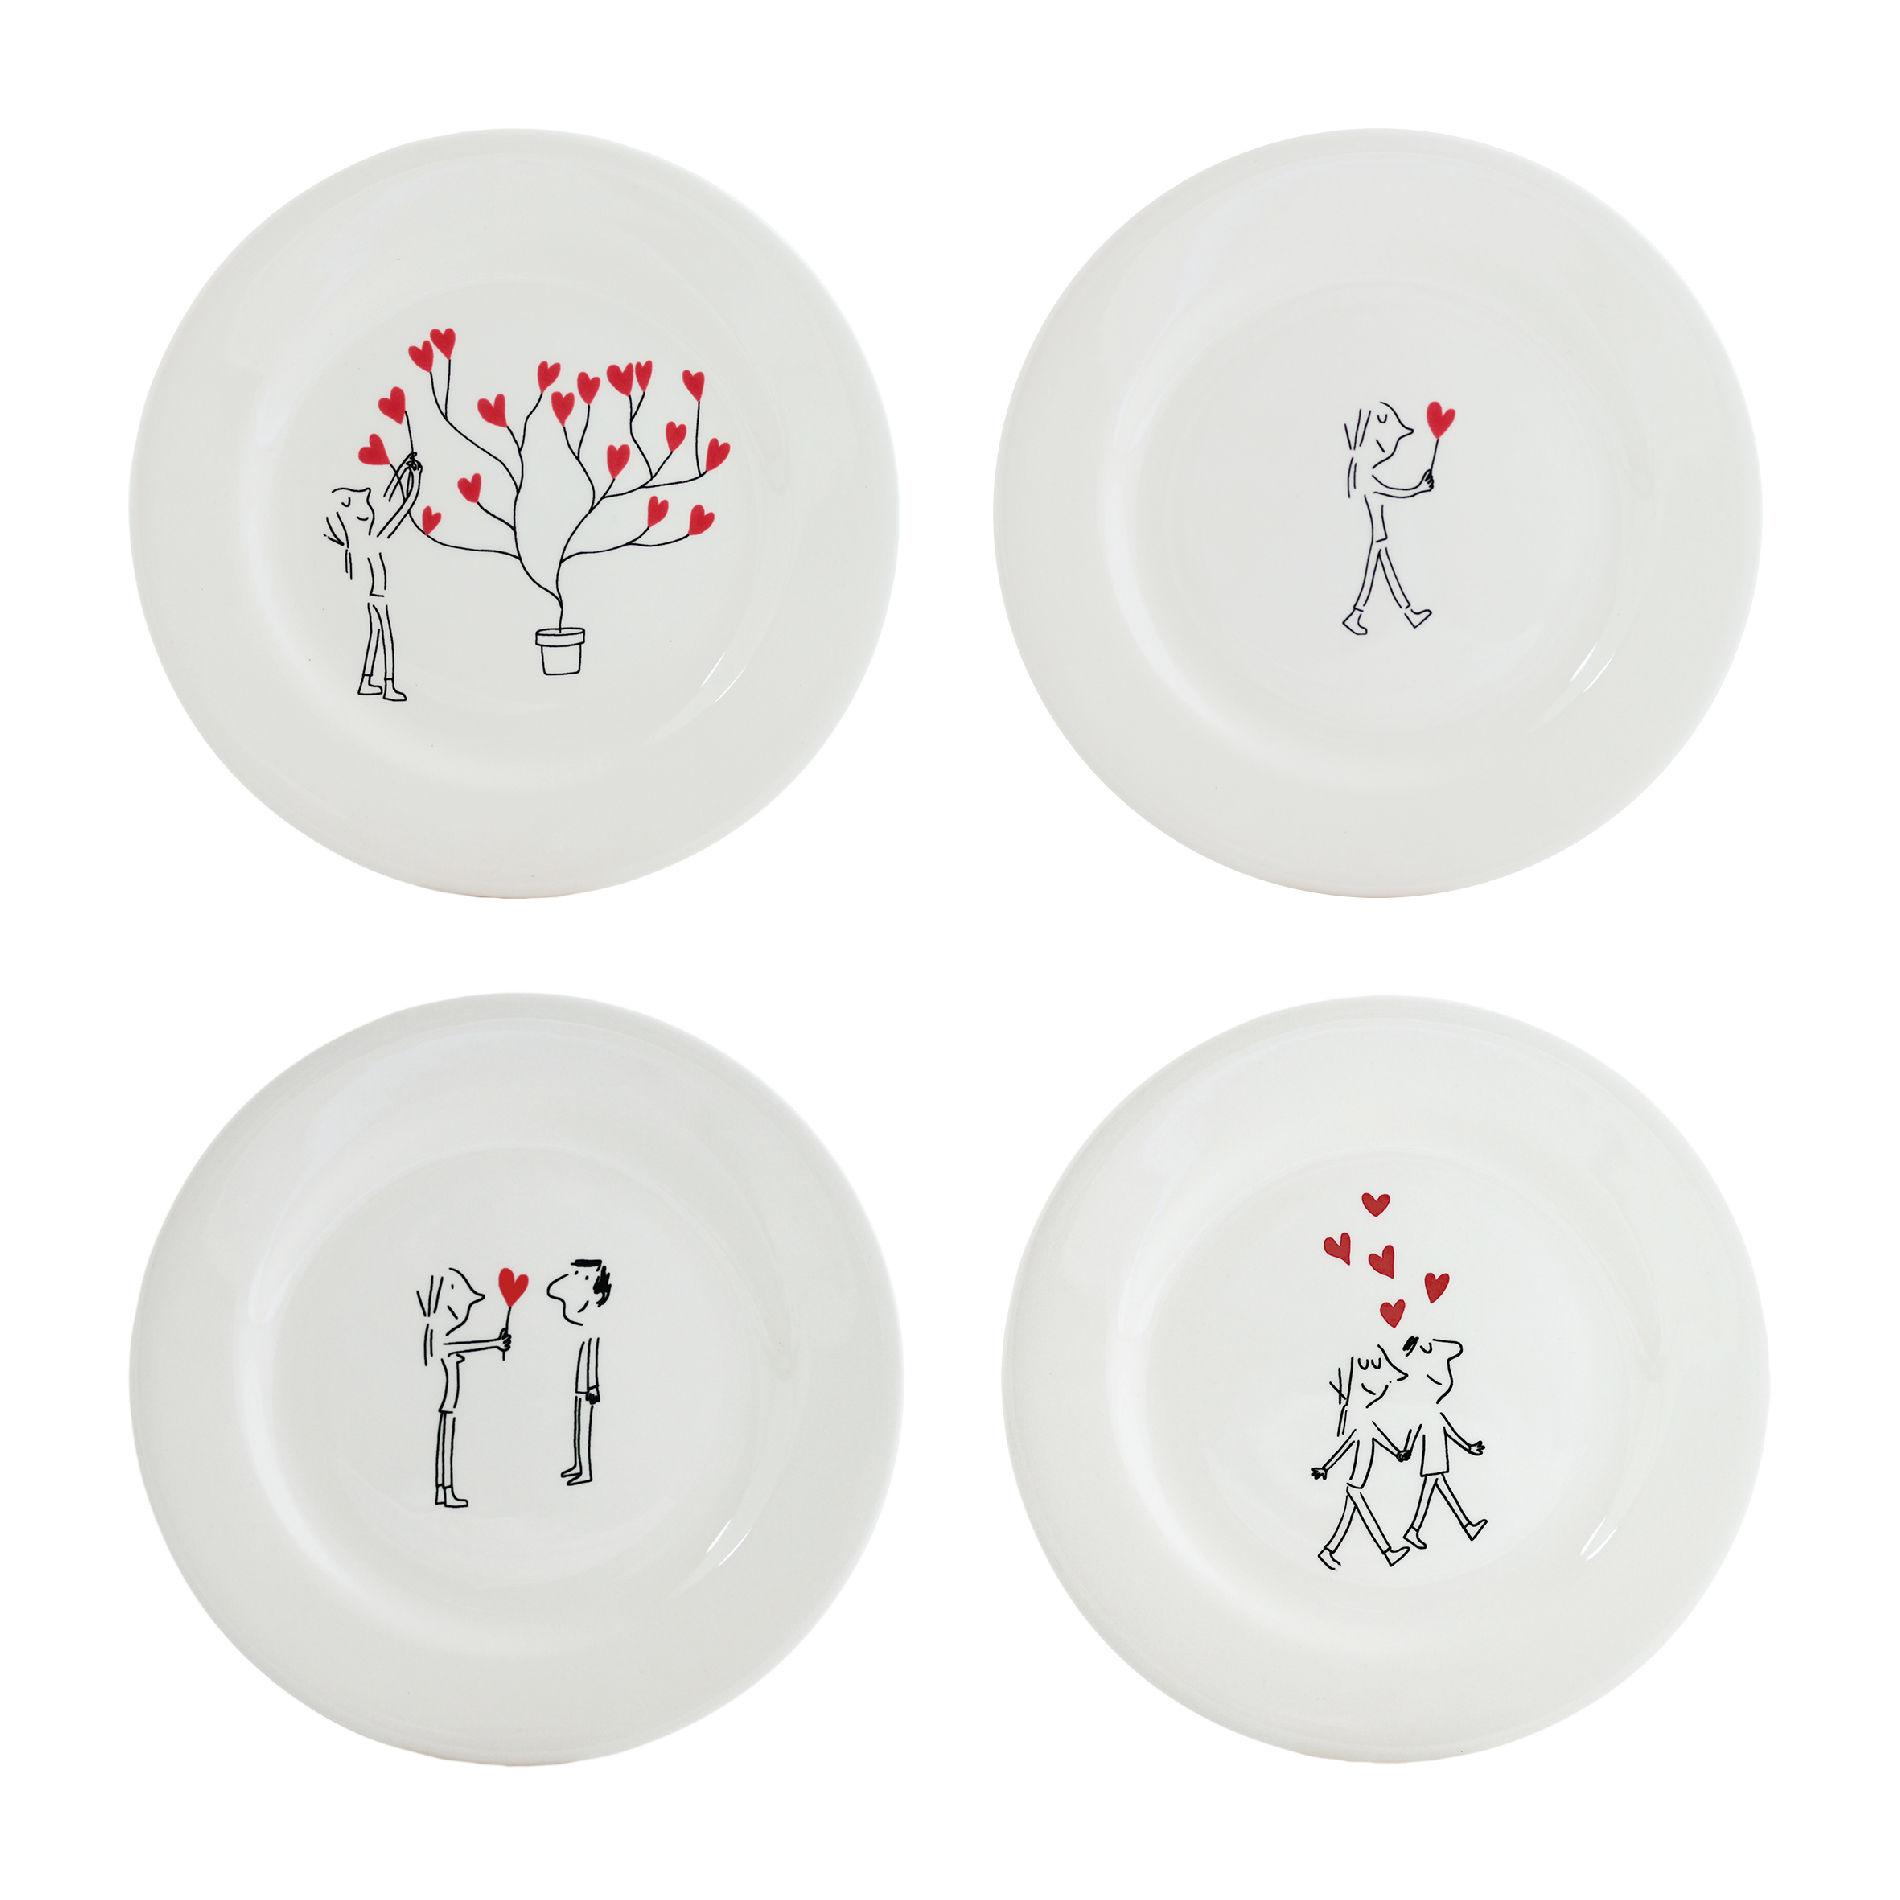 Arts de la table - Assiettes - Assiette à dessert Les amoureux / Lot de 4 - Ø 22 cm - GIEN - Noir & Rouge - Faïence fine de Gien